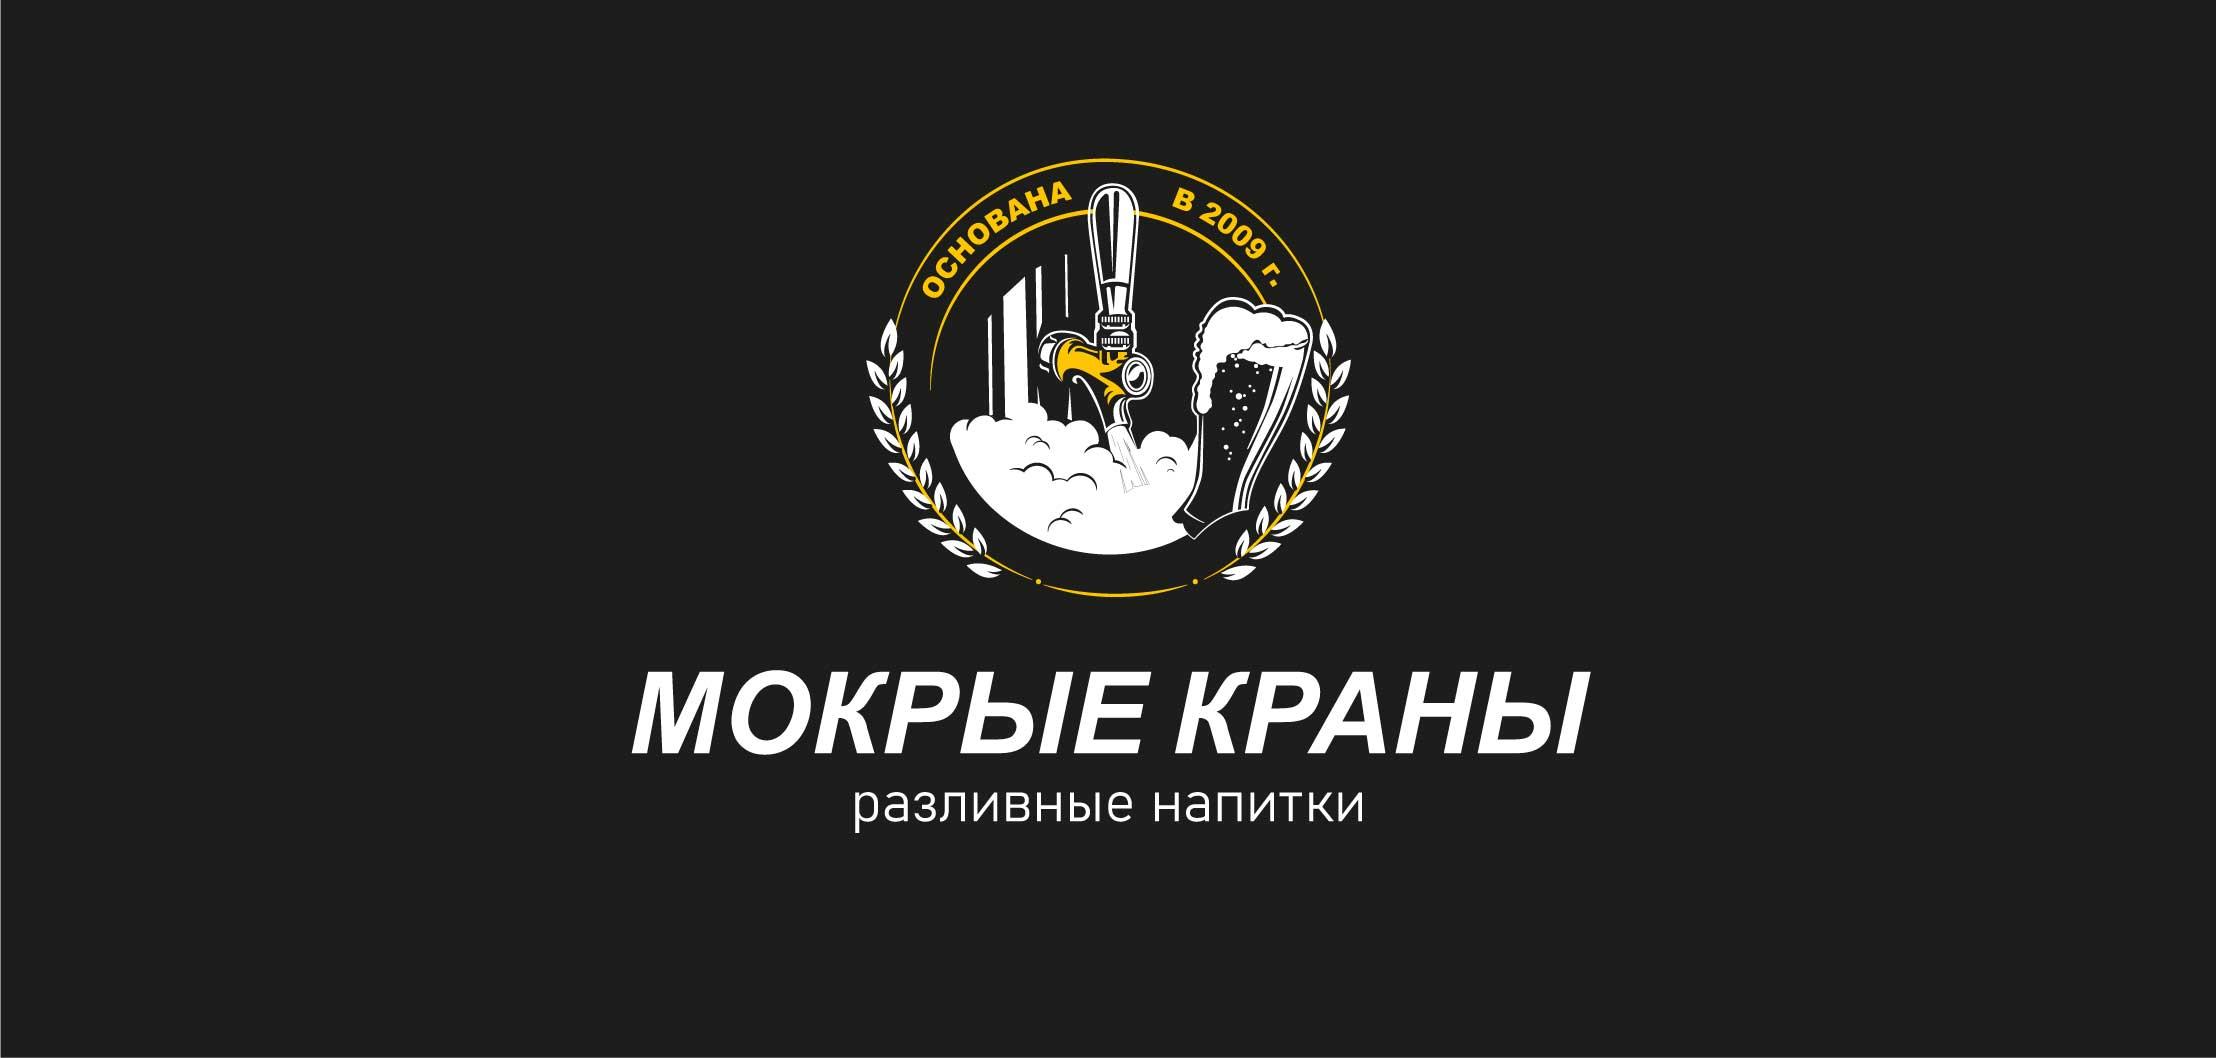 Вывеска/логотип для пивного магазина фото f_2796023889d33d2f.jpg